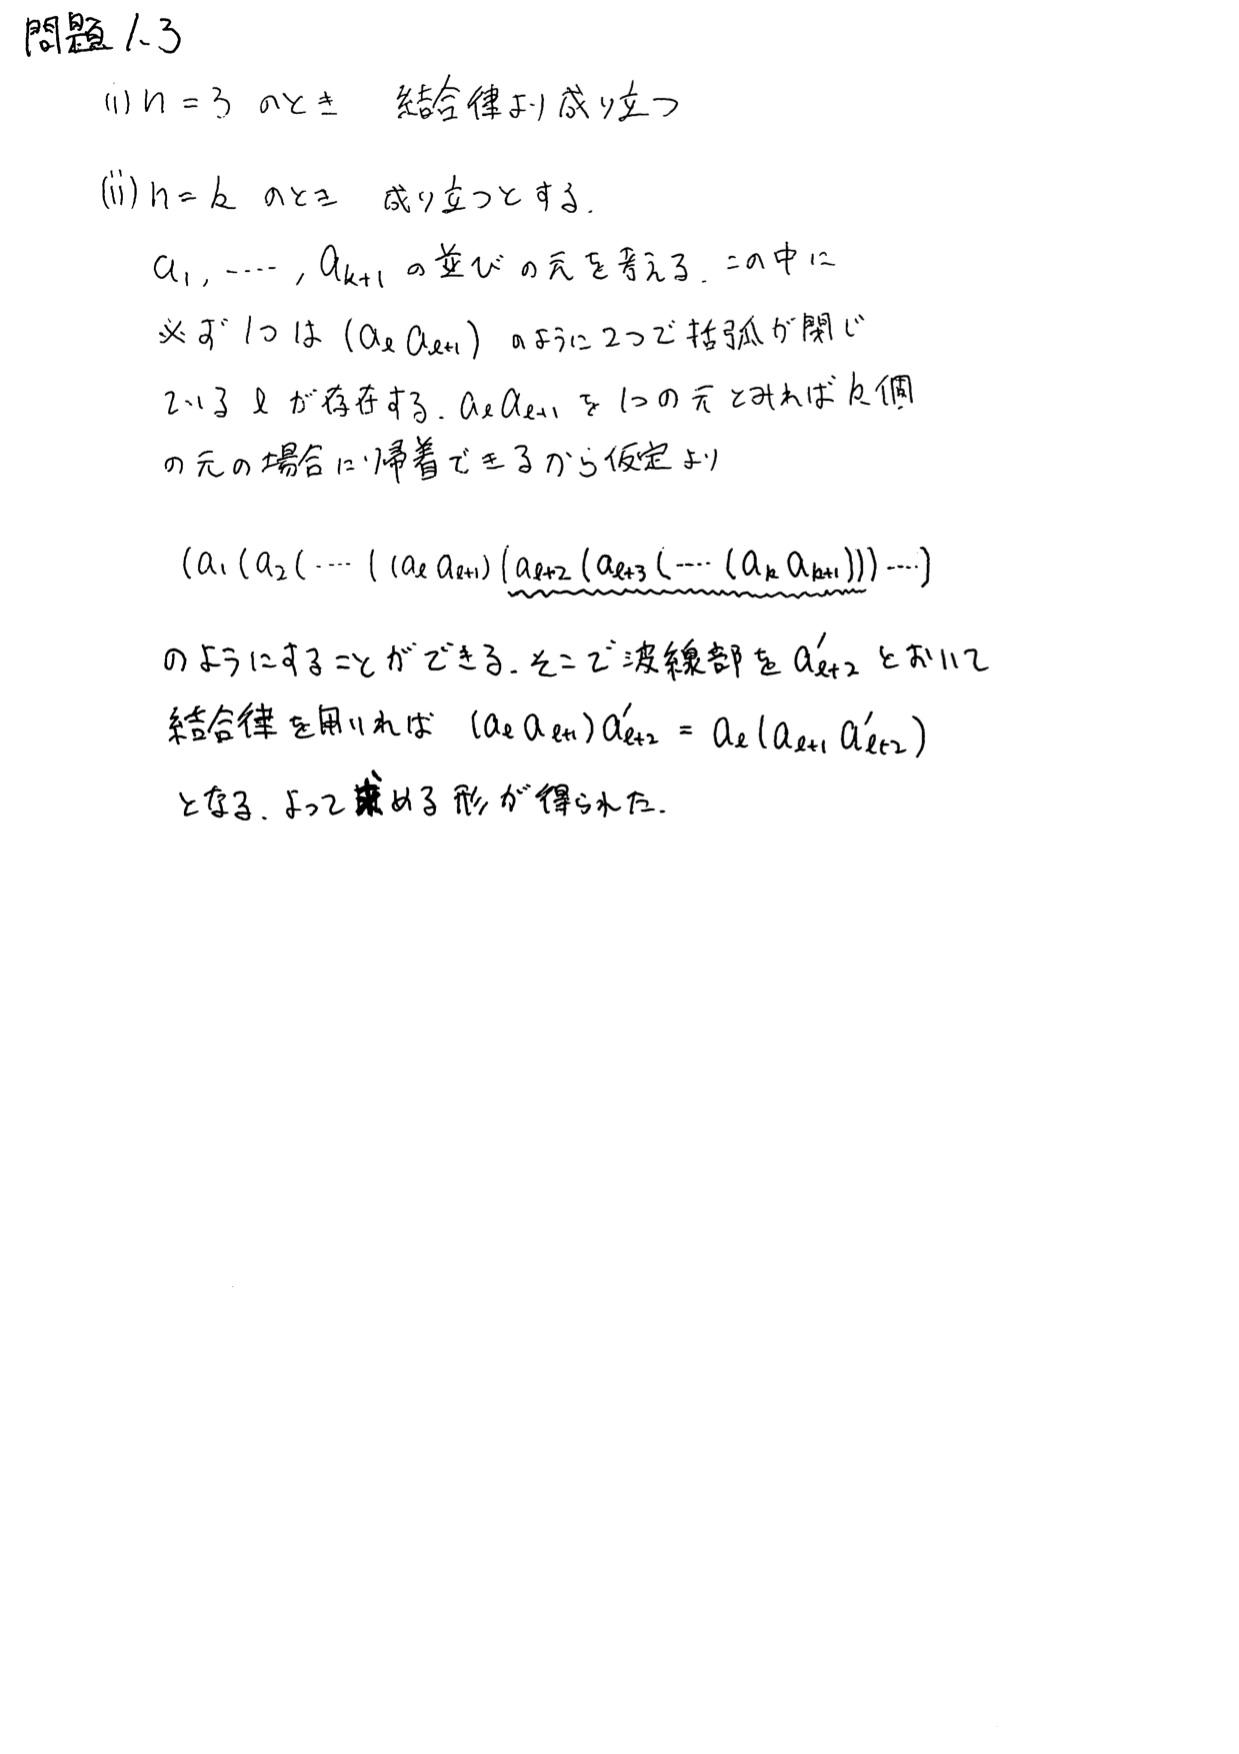 1_3.jpg